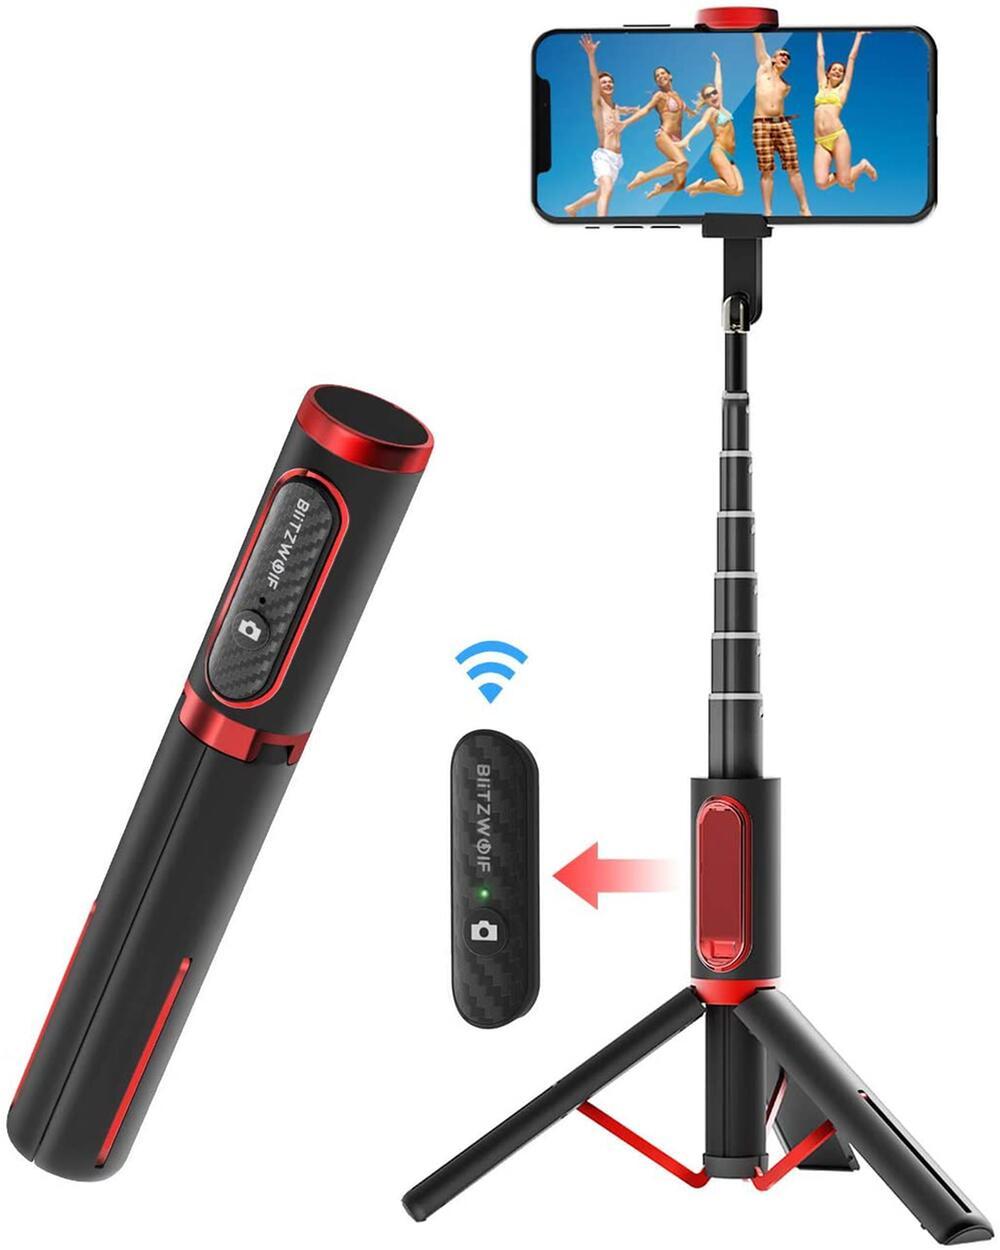 Smartphone, Zubehör, Selfie, Stativ, Ausstattung, Drohne, Licht